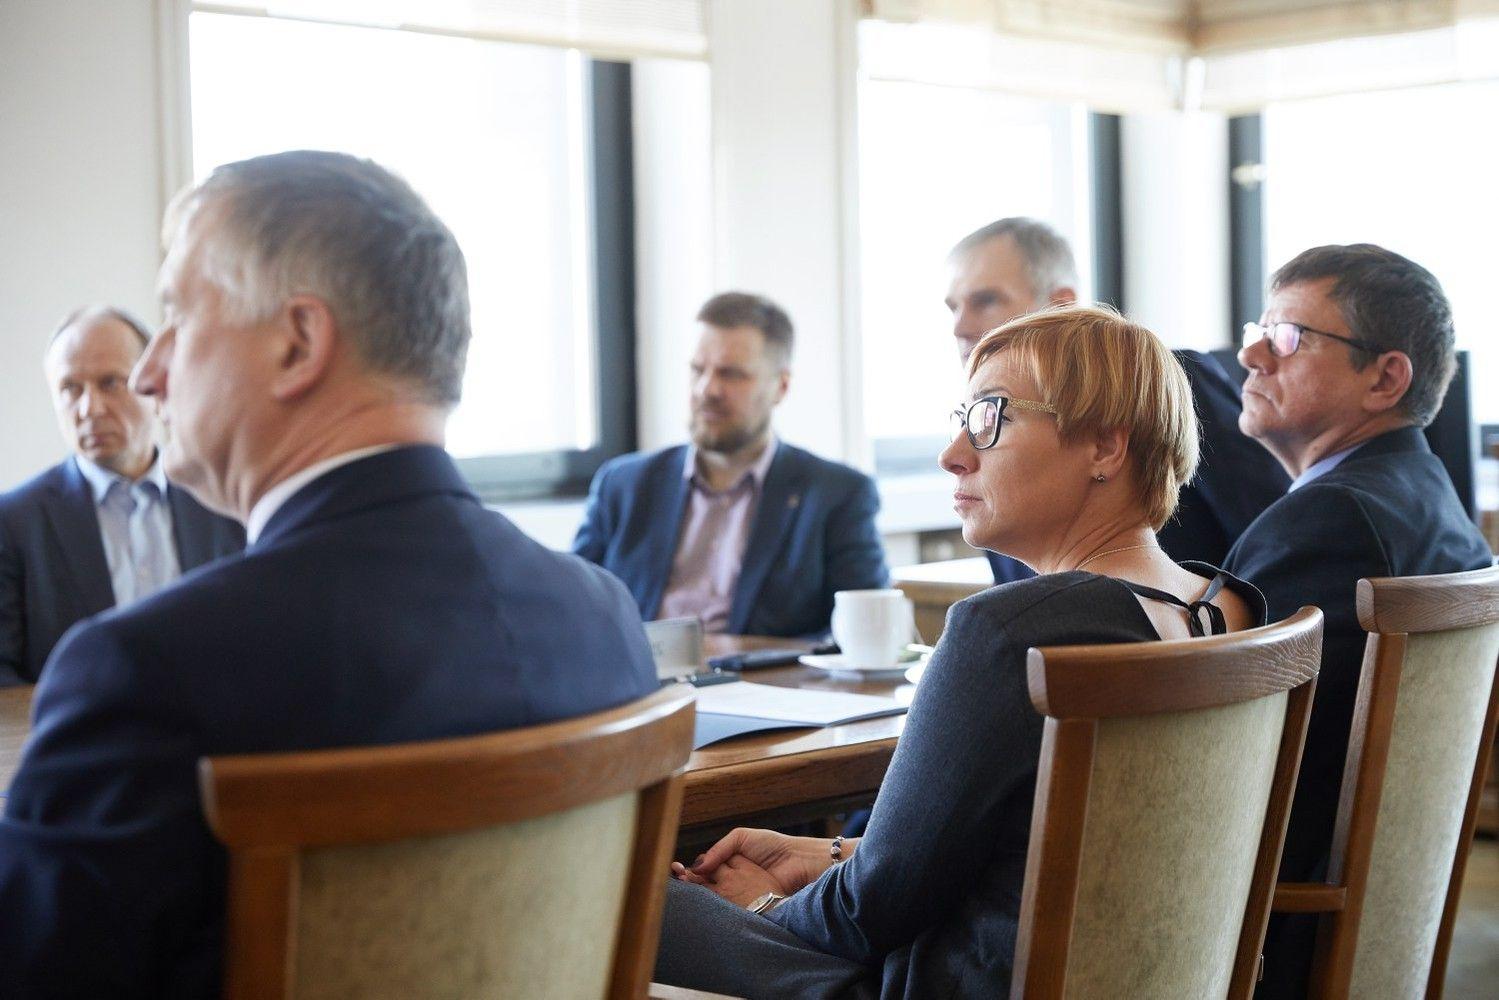 Didžiausi energetikos žaidėjai Kauno regione vienija jėgas siekdami proveržio bioenergetikos srityje